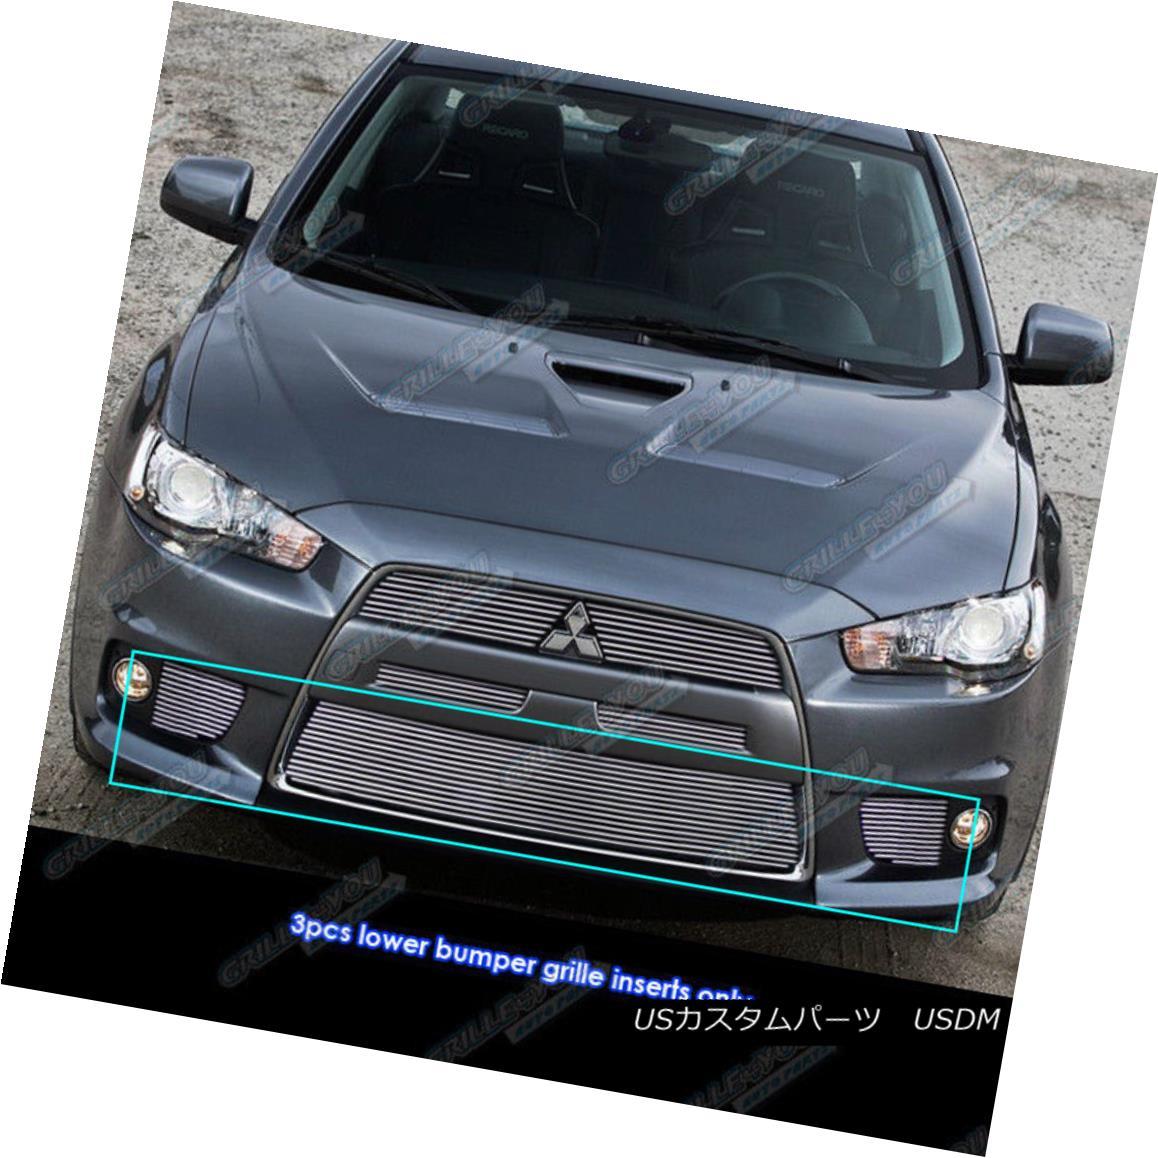 グリル Fits 2008-2015 Mitsubishi Lancer Evolution Bumper Billet Grille Insert フィット2008-2015三菱ランサーエボリューションバンパービレットグリルインサート